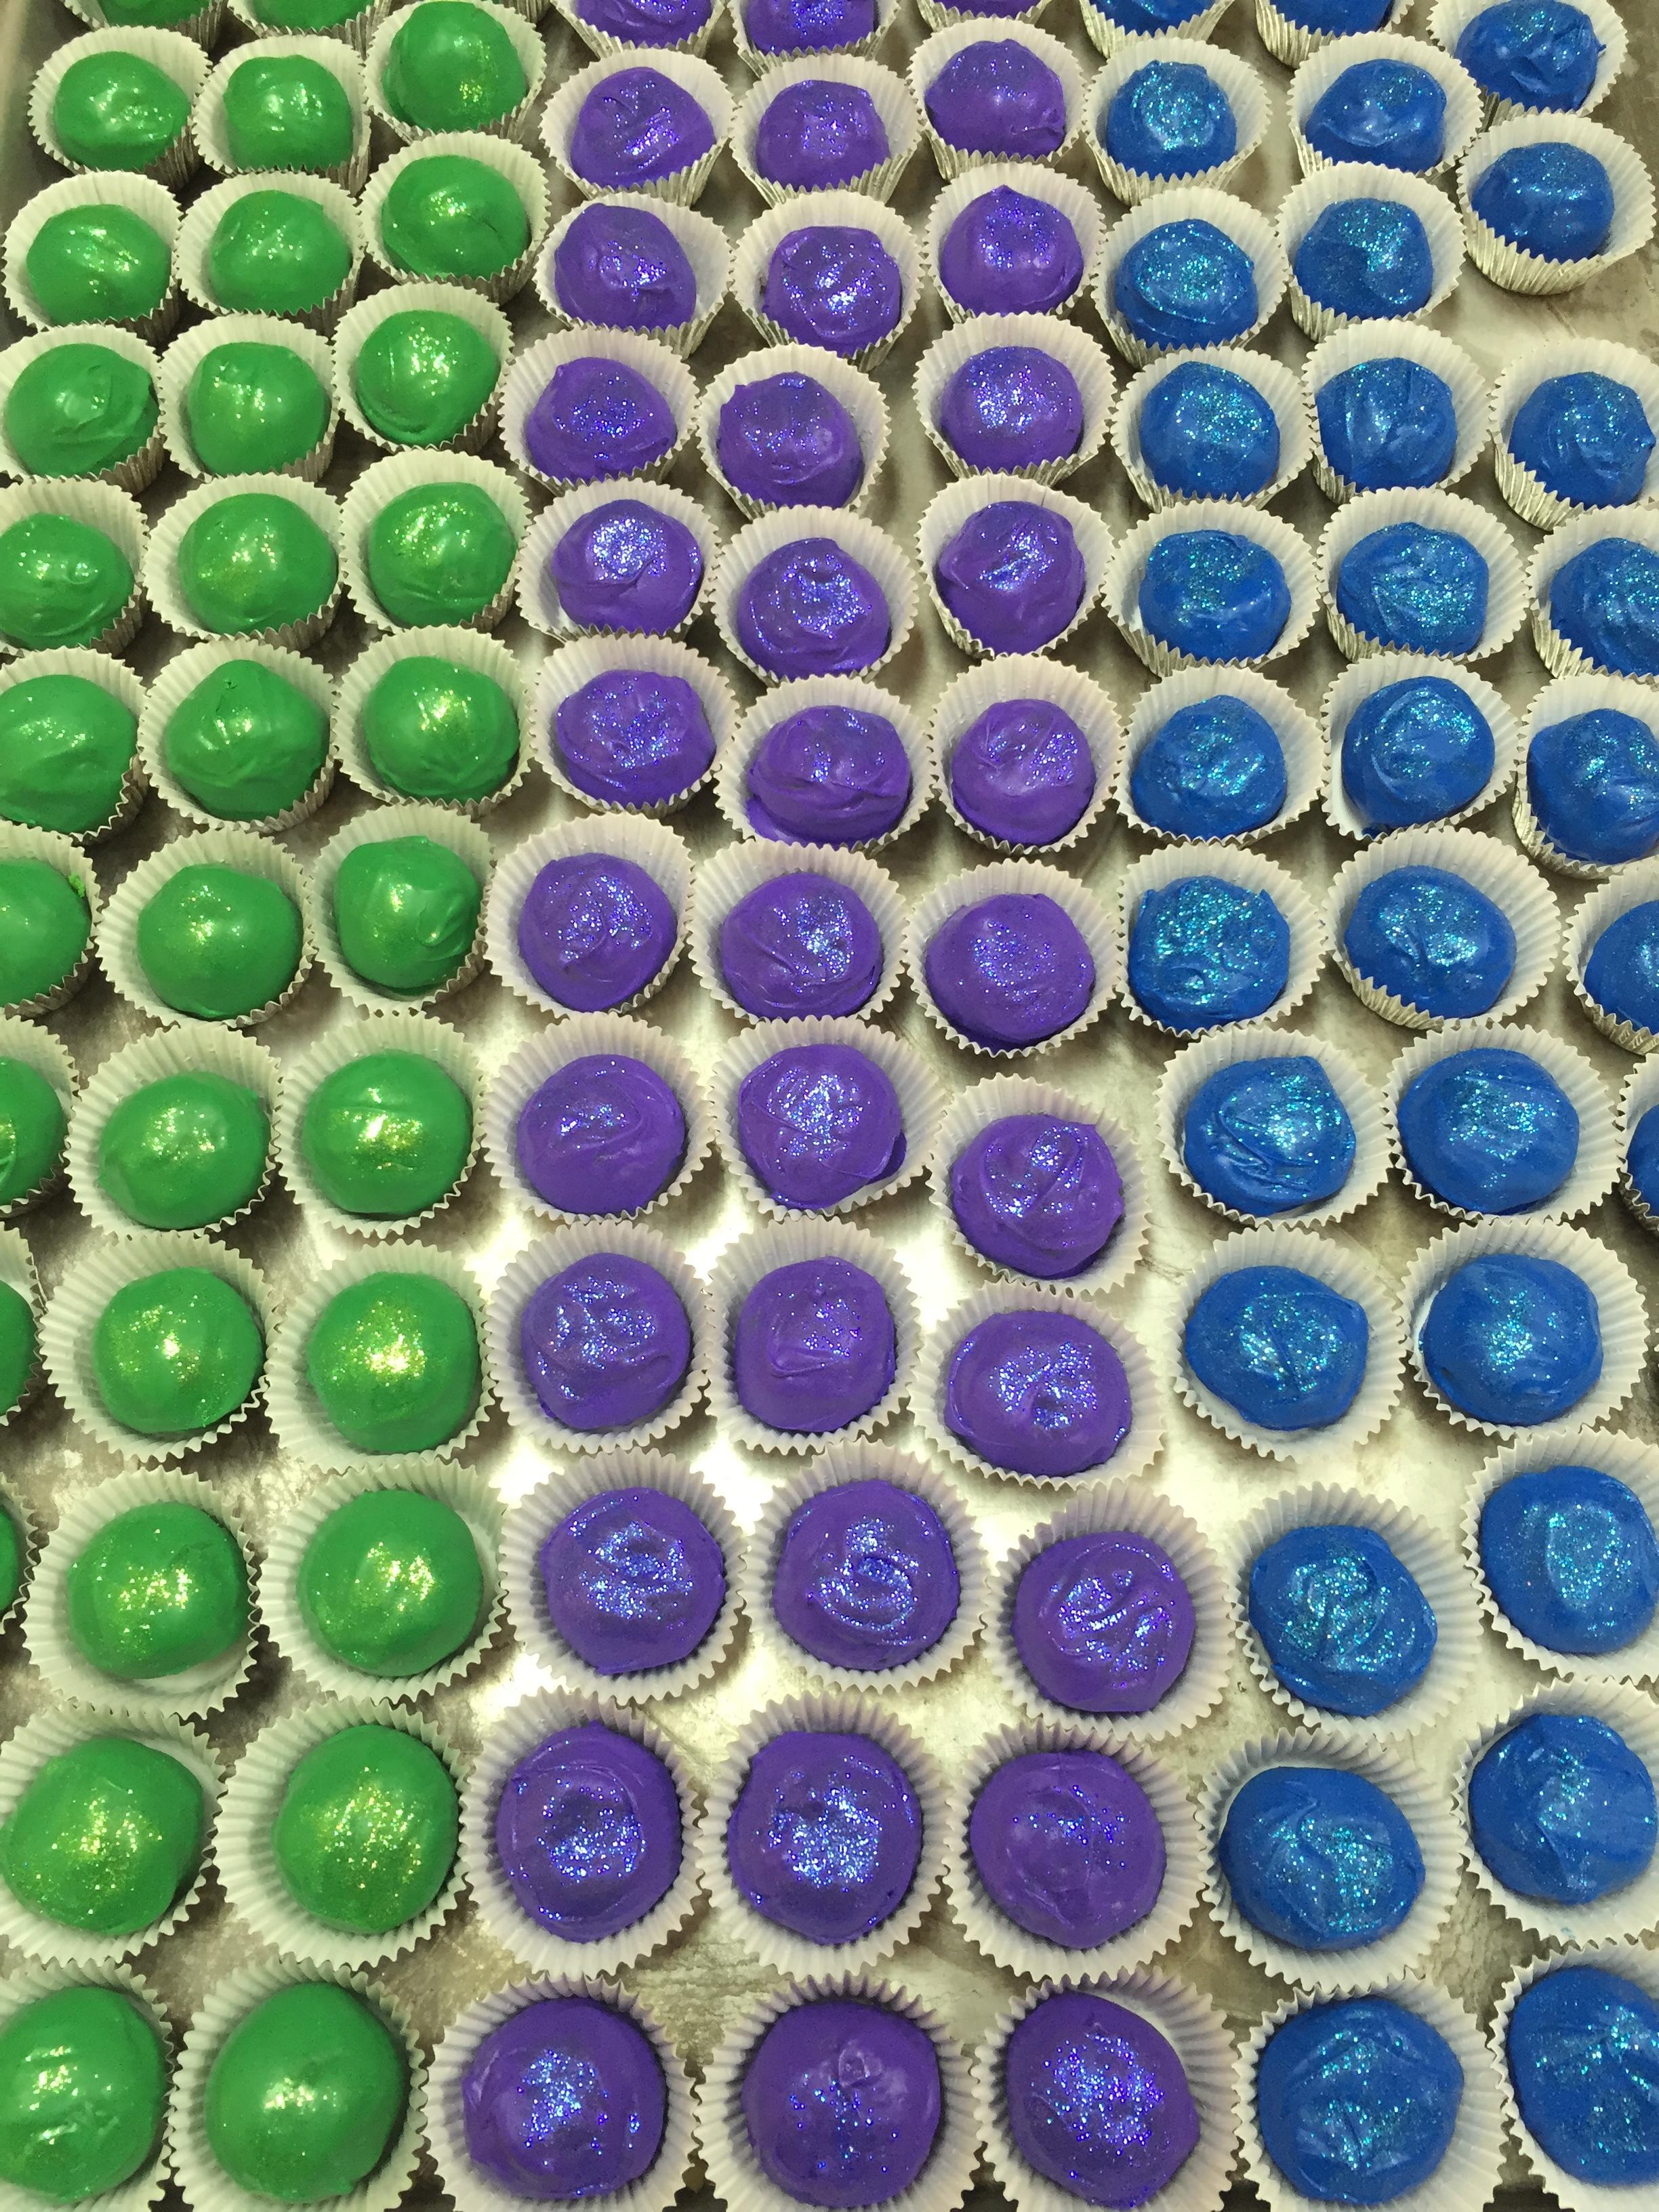 ColorfulCakeballs.JPG